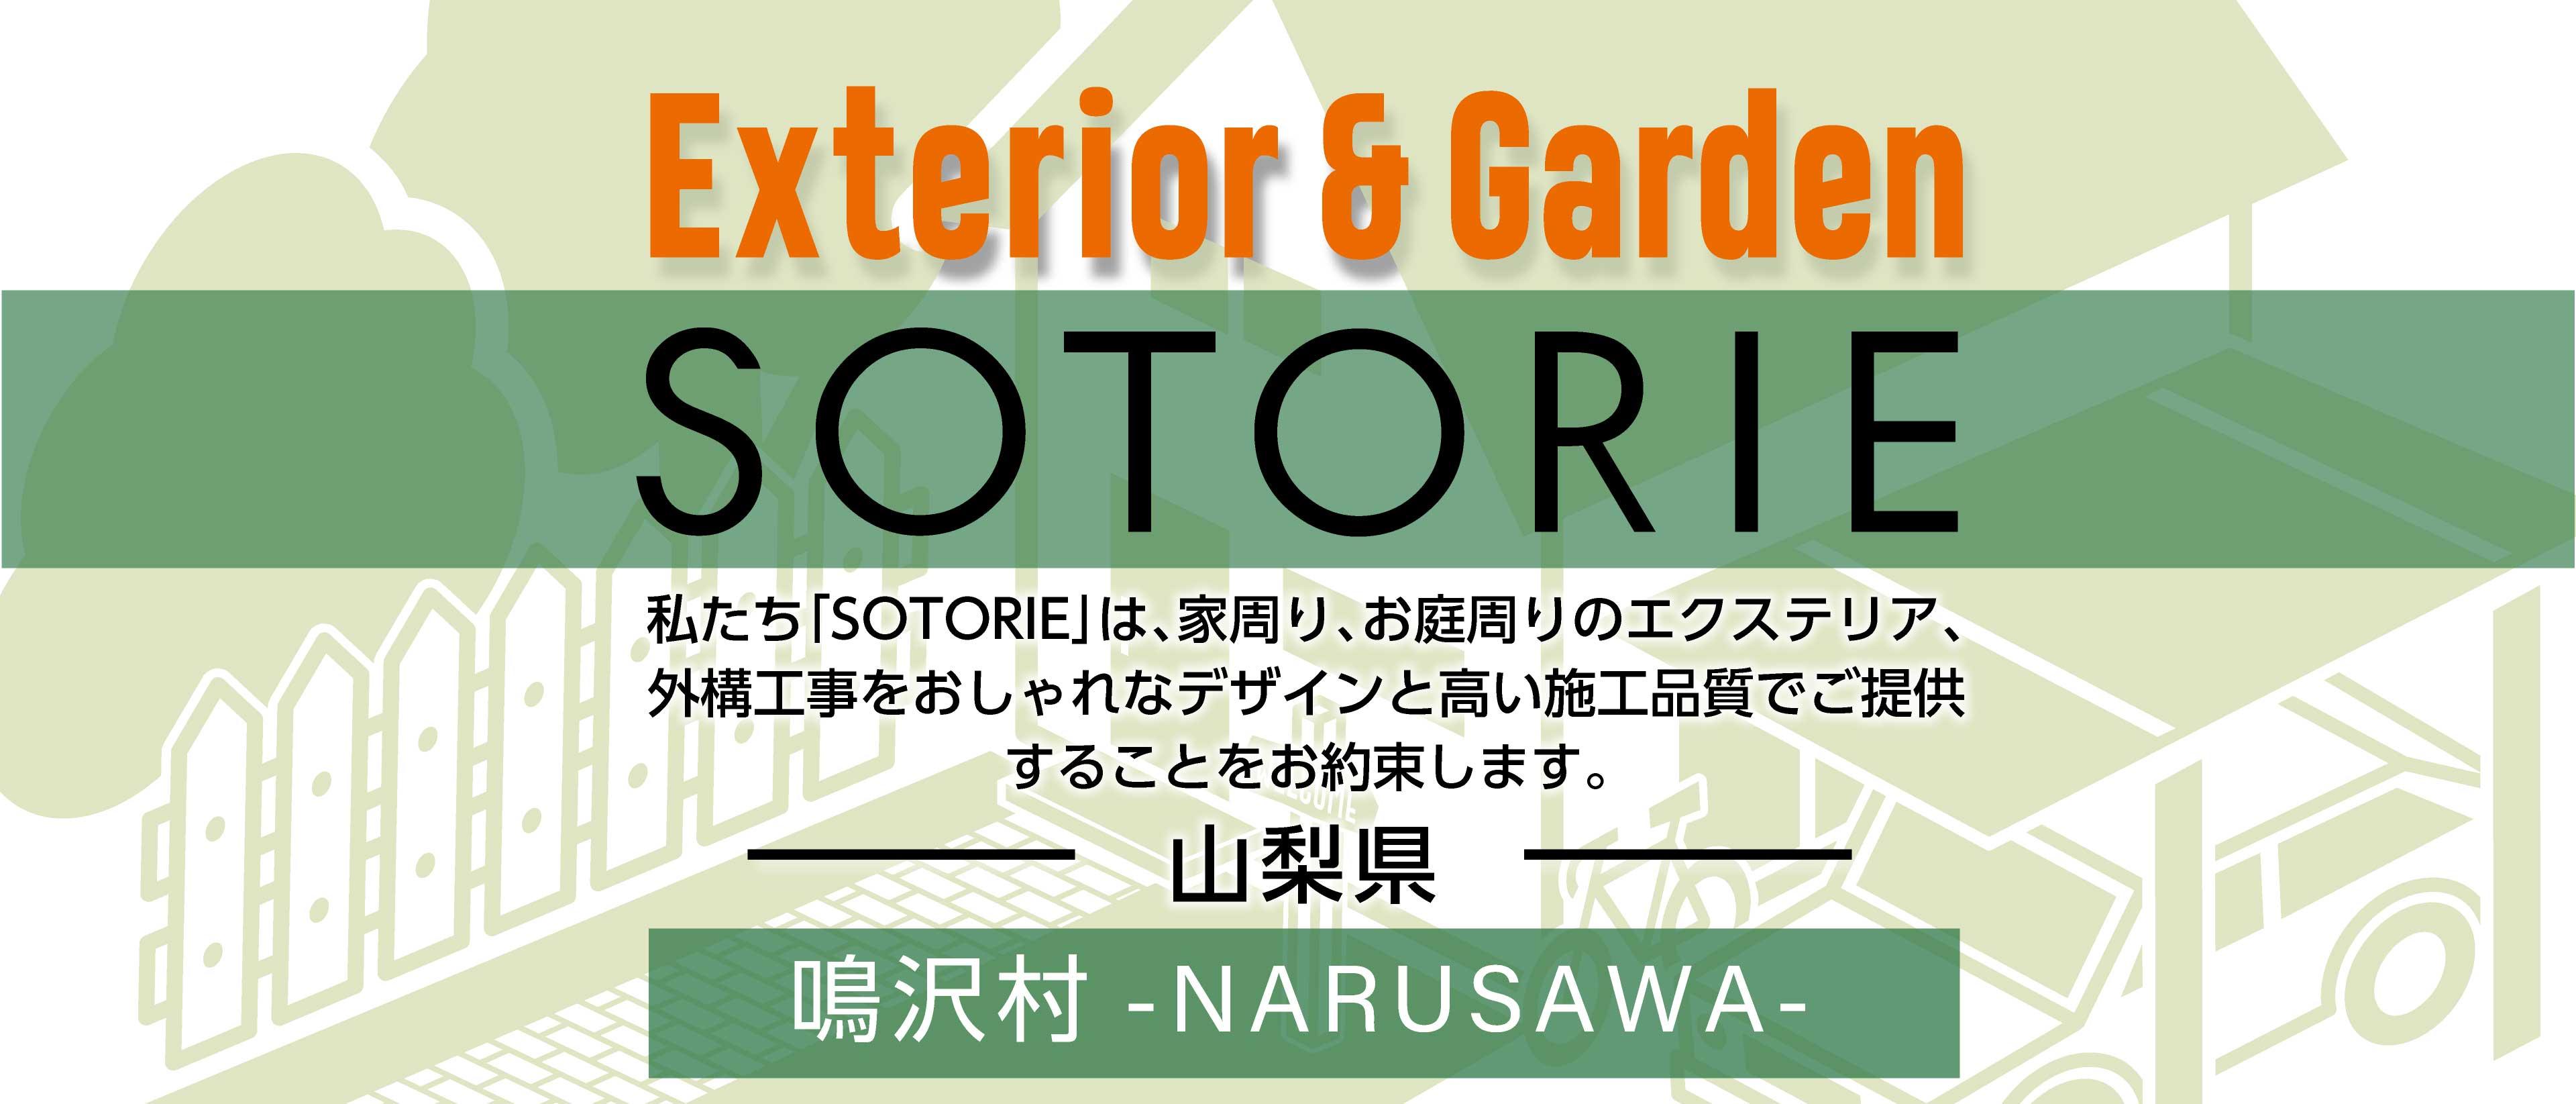 ソトリエ鳴沢村では、家周りと庭周りの外構、エクステリア工事をおしゃれなデザインと高い施工品質でご提供することをお約束します。